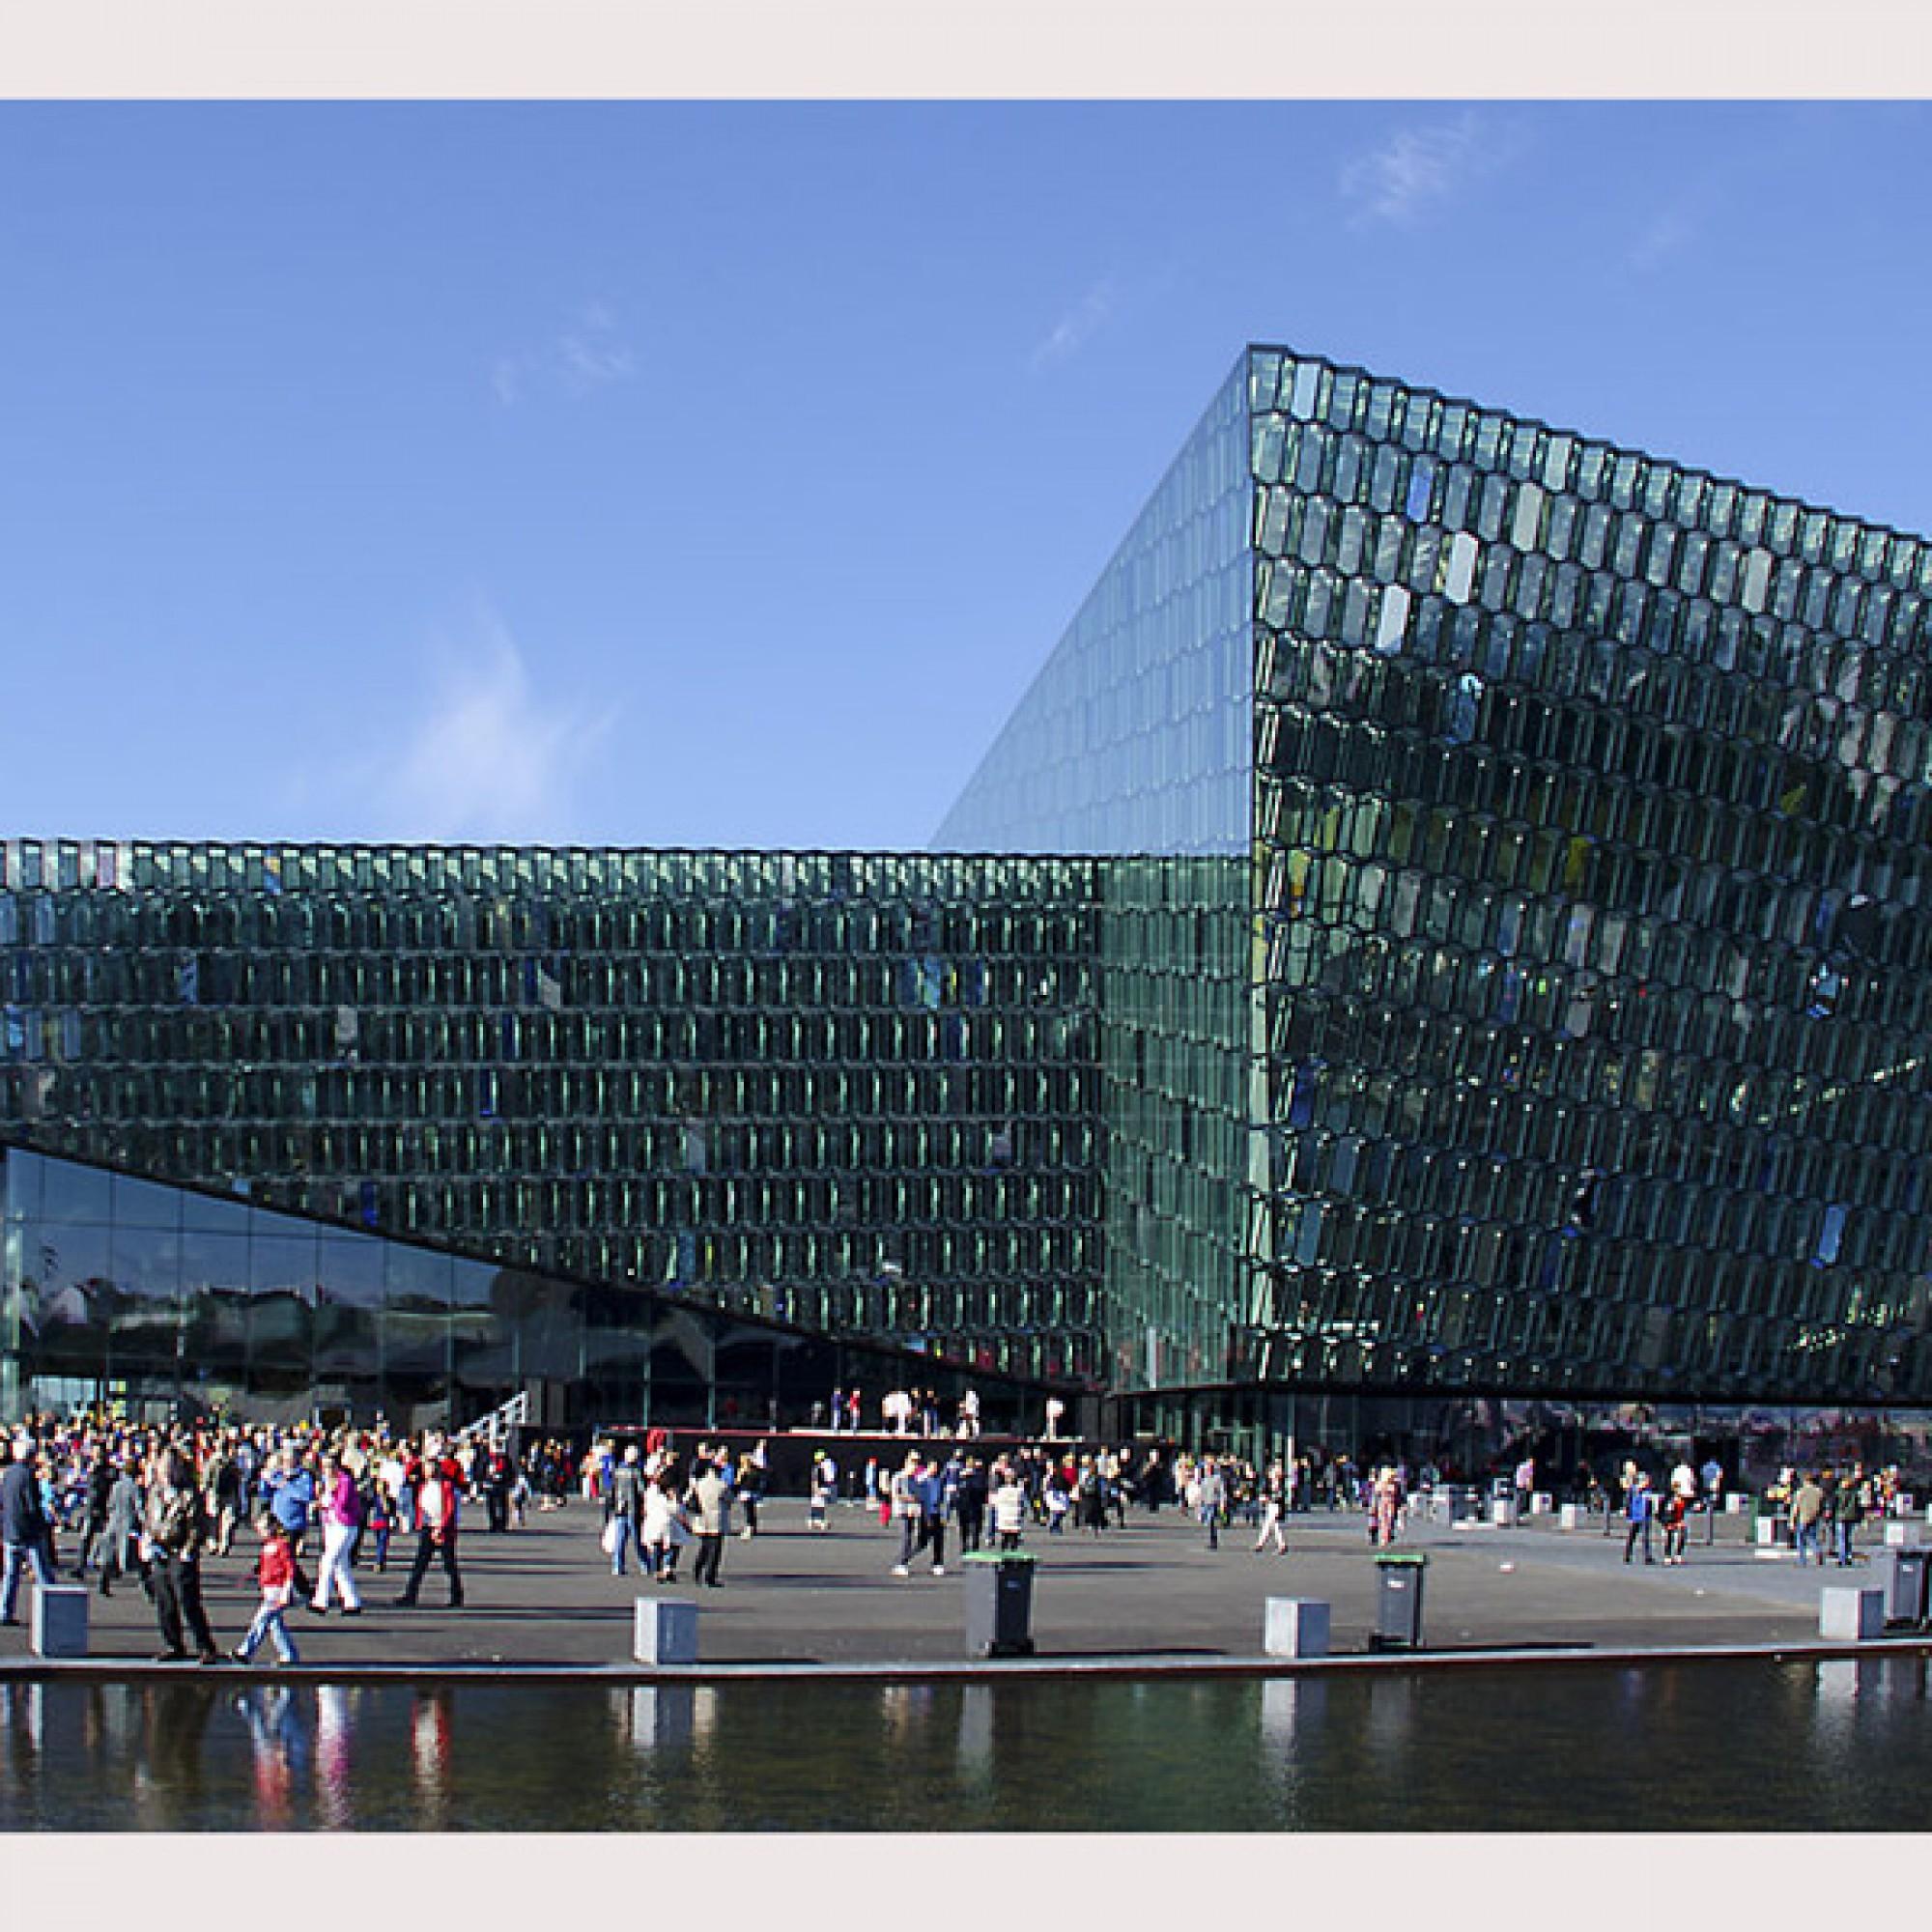 Harpa-Konzerthaus in Reykjavik mit seiner Fassade: Die Struktur aus dichroitischem Glas reagiert je nach Wetter auf die wechselnden Tageslichtfarben. (wikimedia.org, pjyt56, CC)